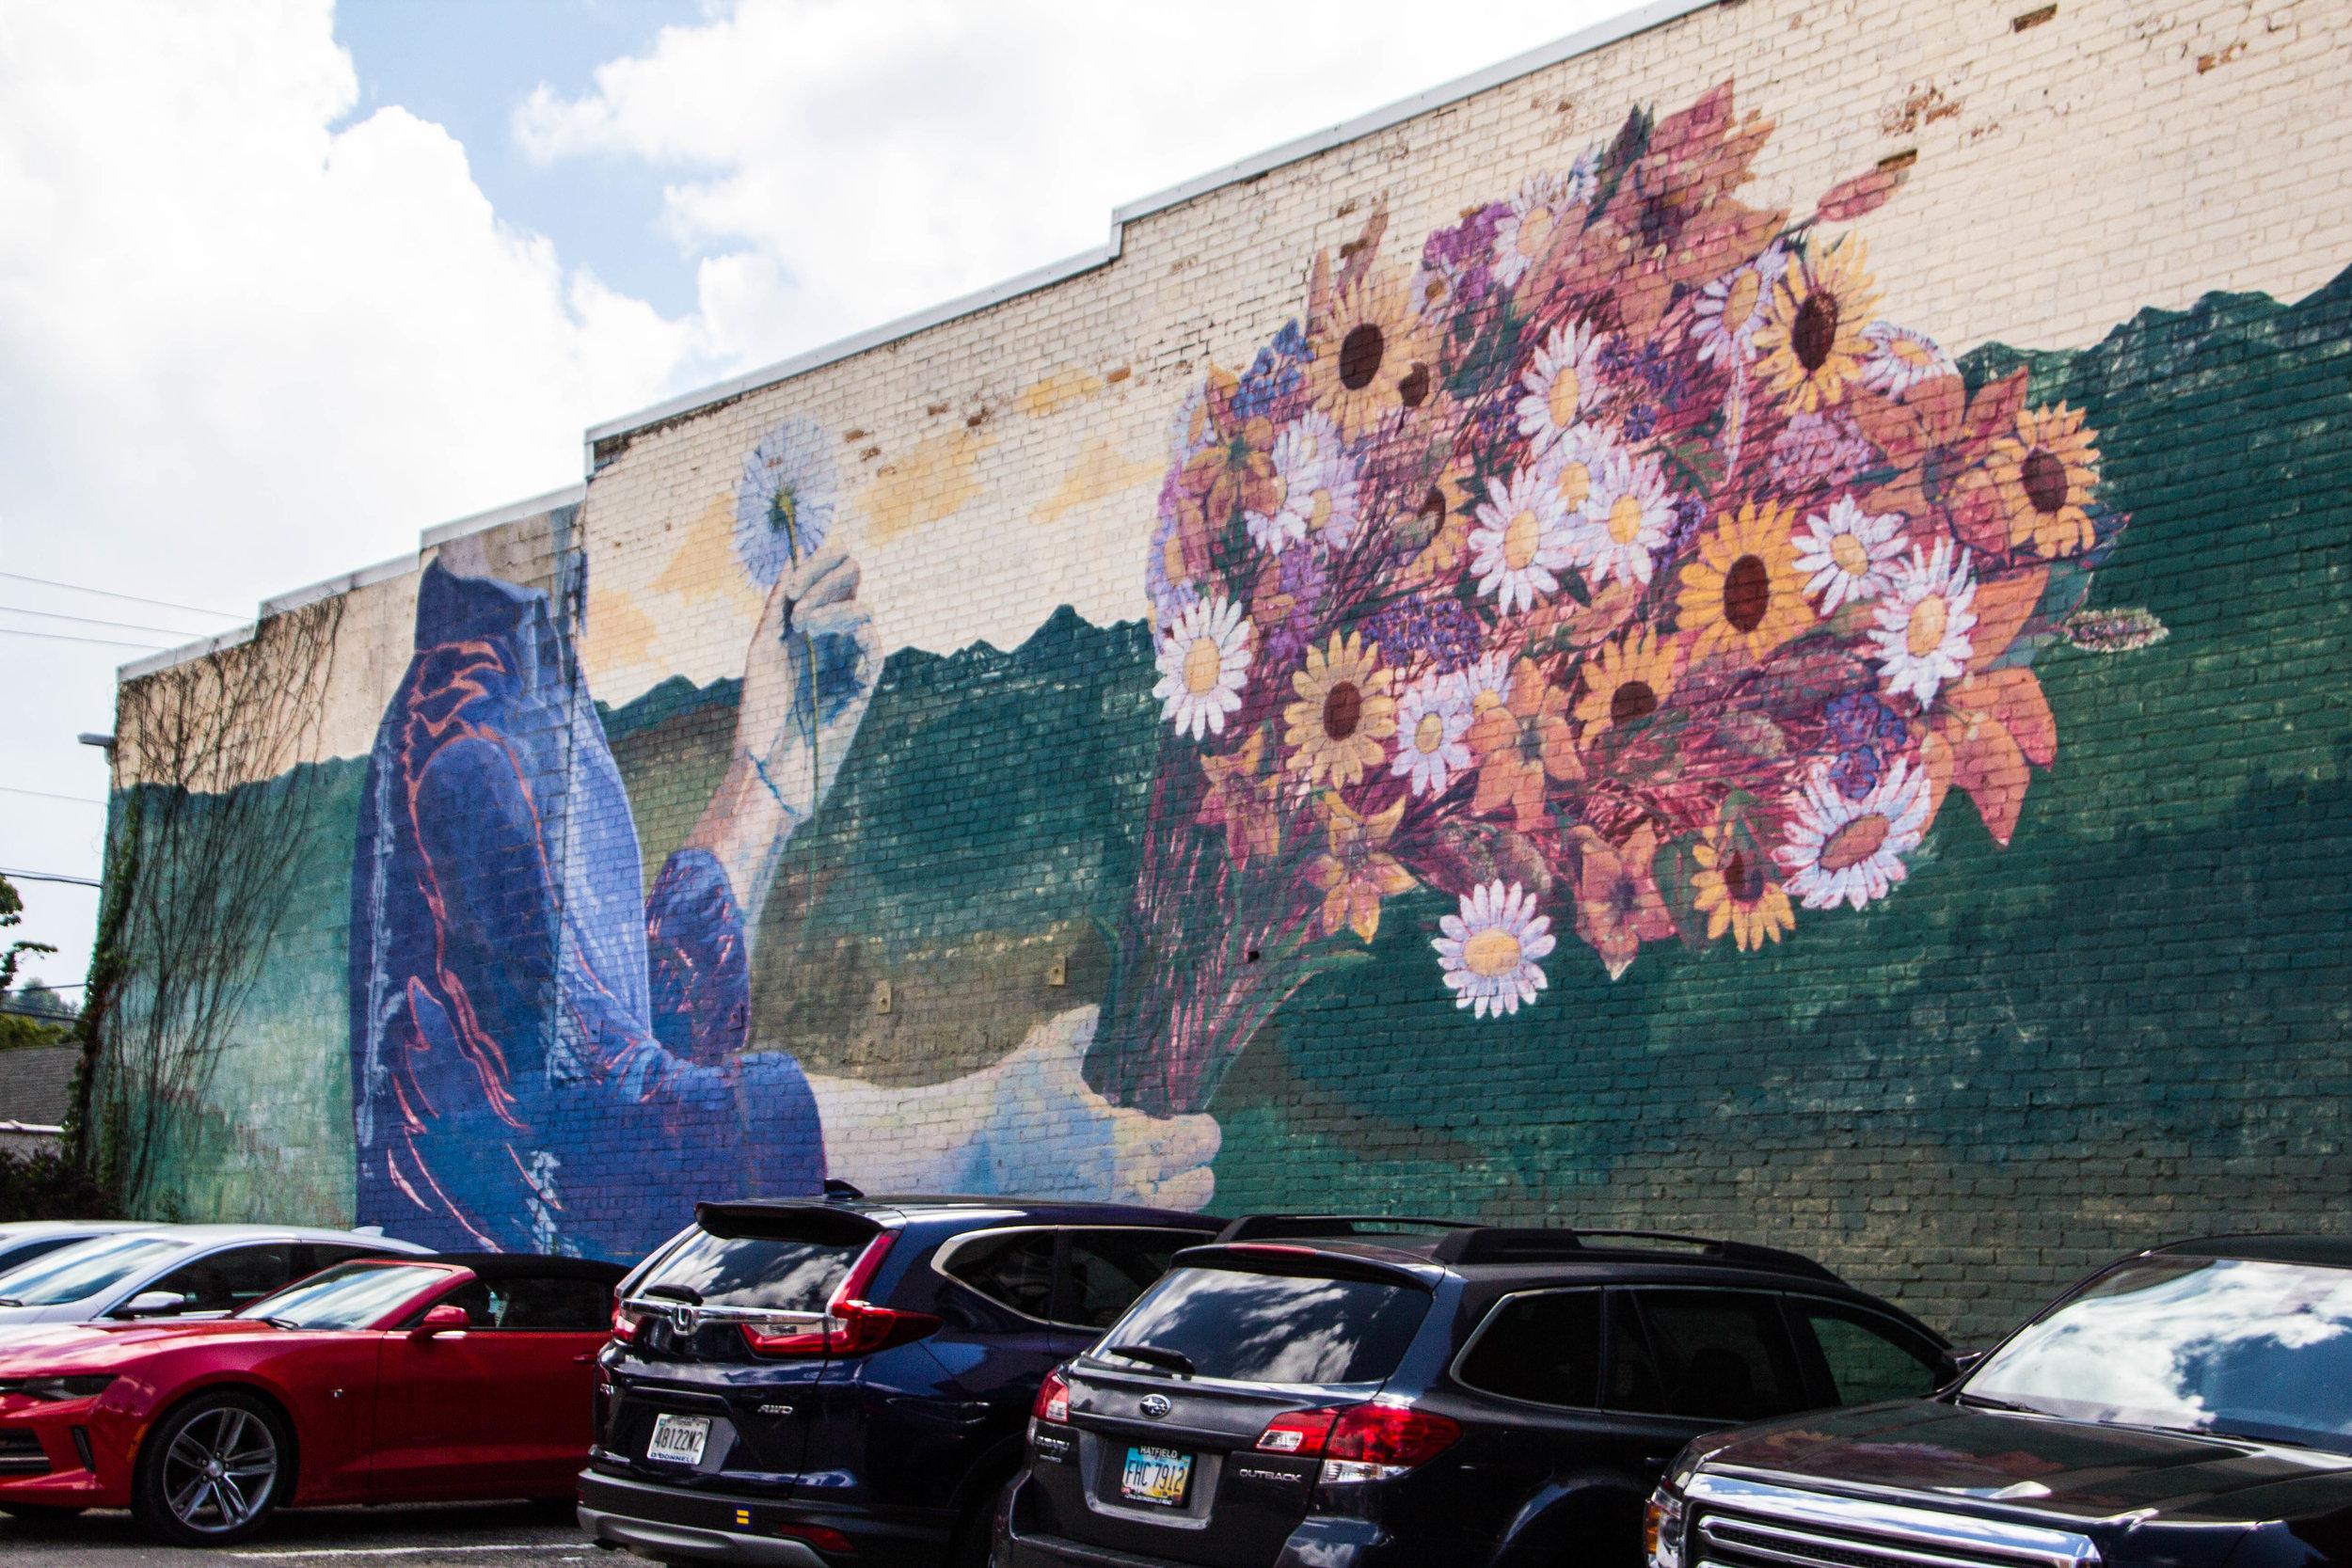 asheville-street-art.jpg